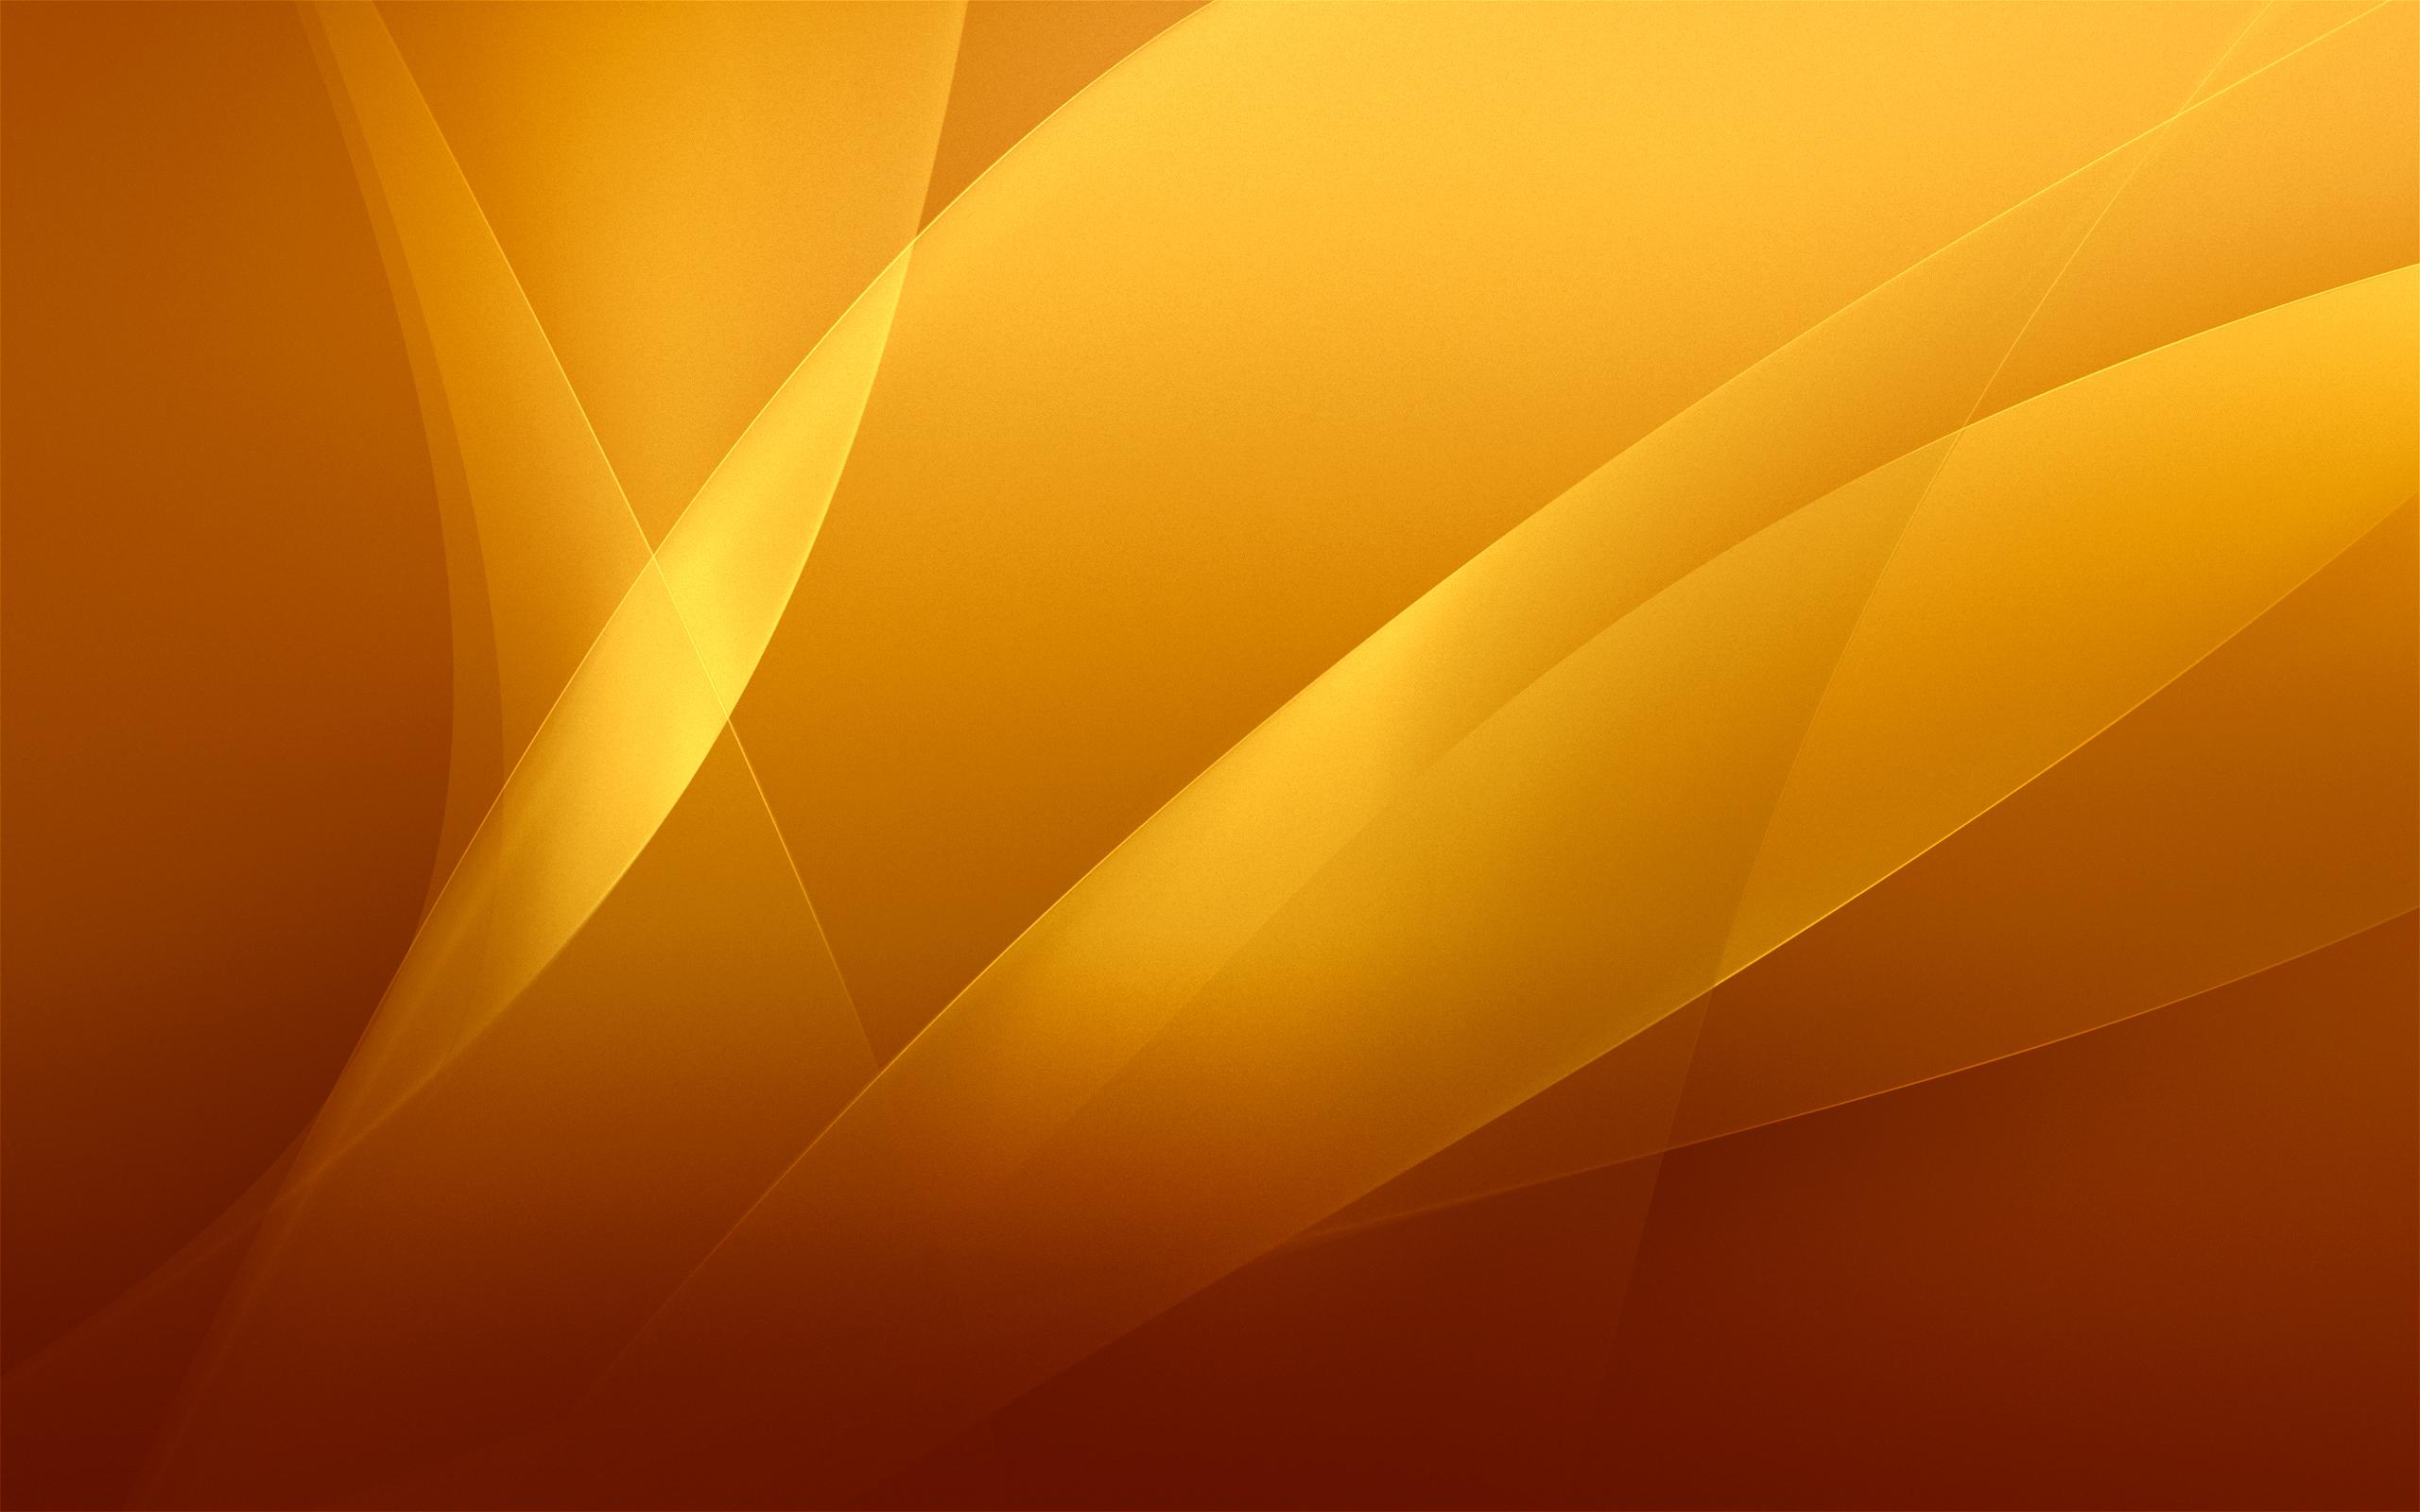 orange wallpaper, фото обои для рабочего стола, скачать